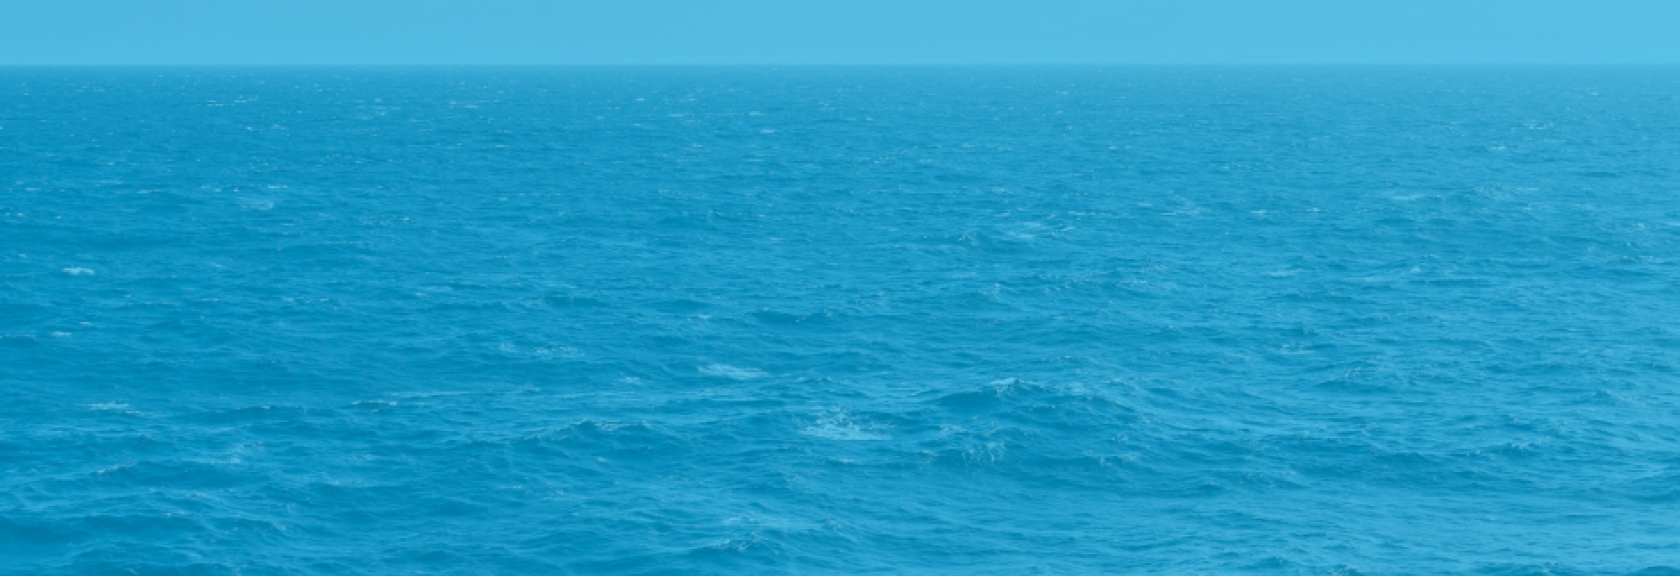 Chwała wysokościom nad morzem!